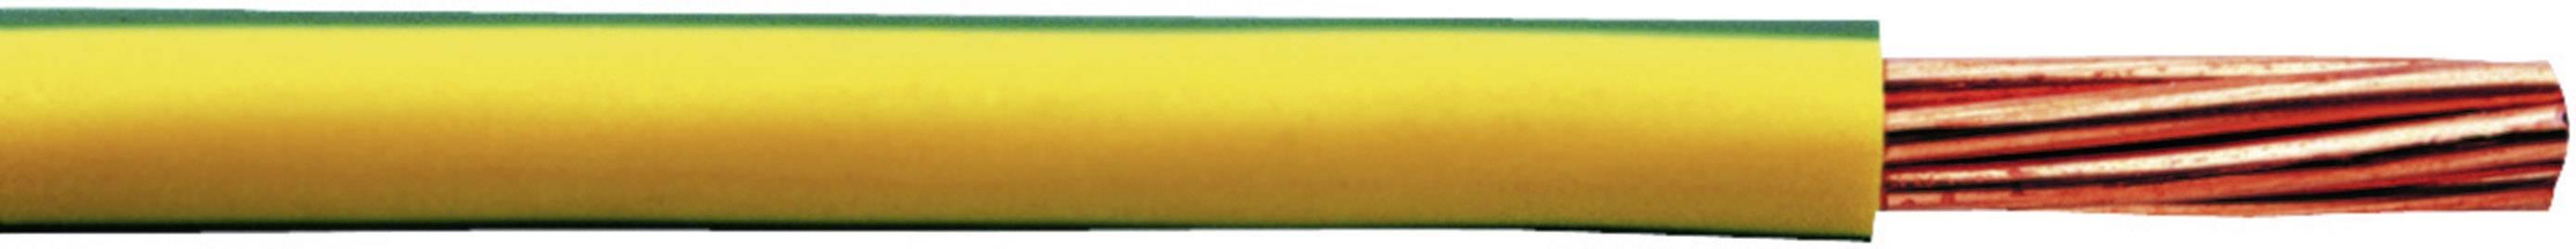 Pletenica H07V-R 1 x 16 mm, črna Faber Kabel 040082 cena za meter